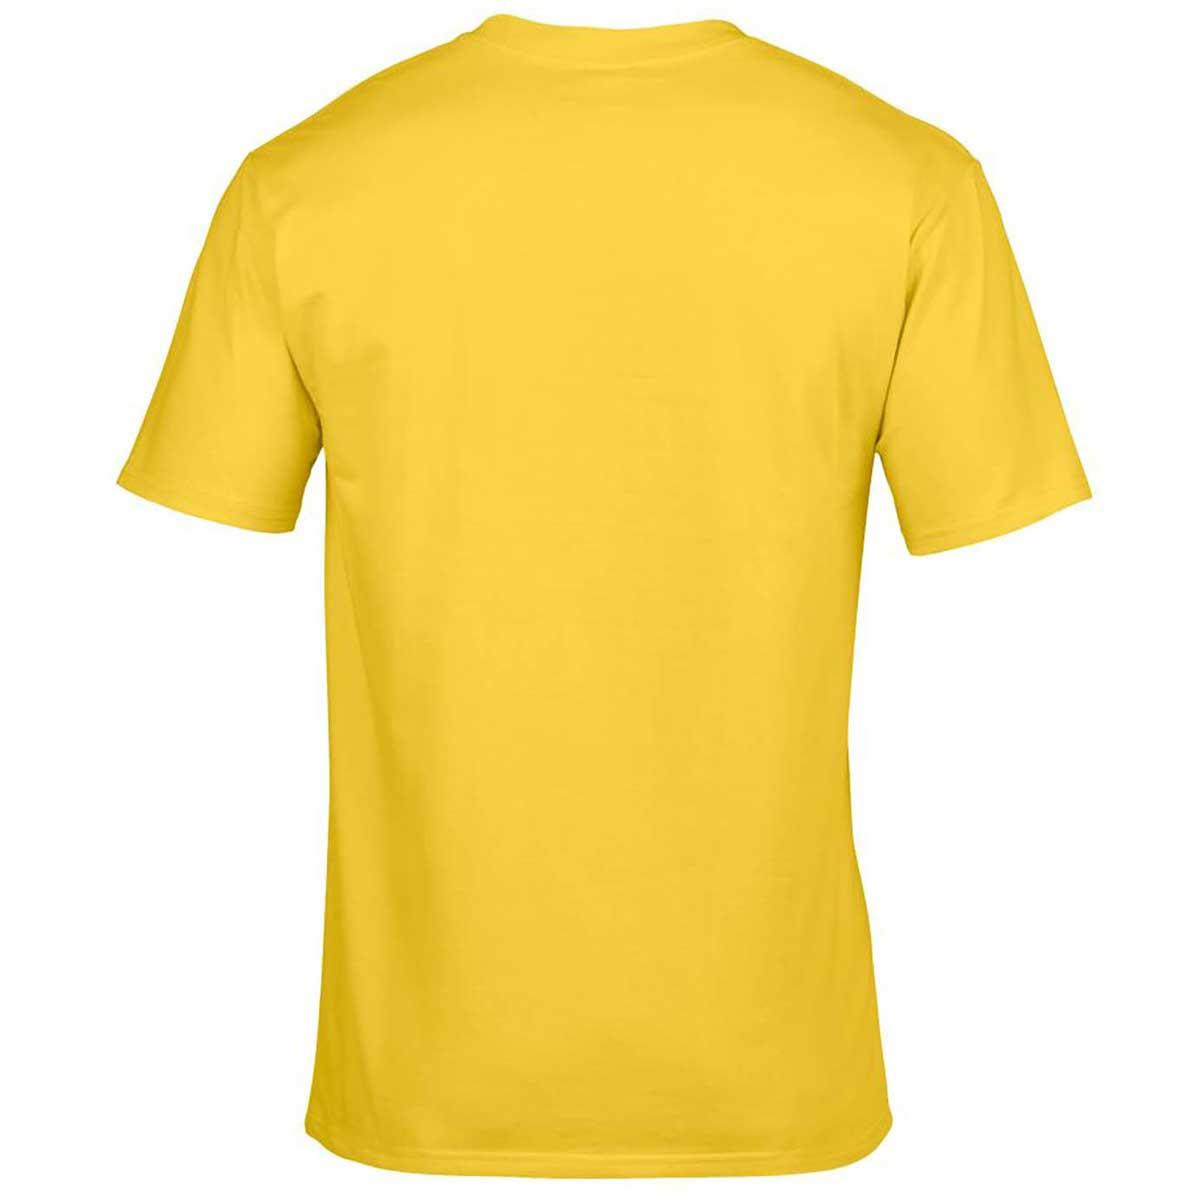 05_gd05b_jaune--0-0--0284572f-9fb9-474e-8fc1-440720dcd447